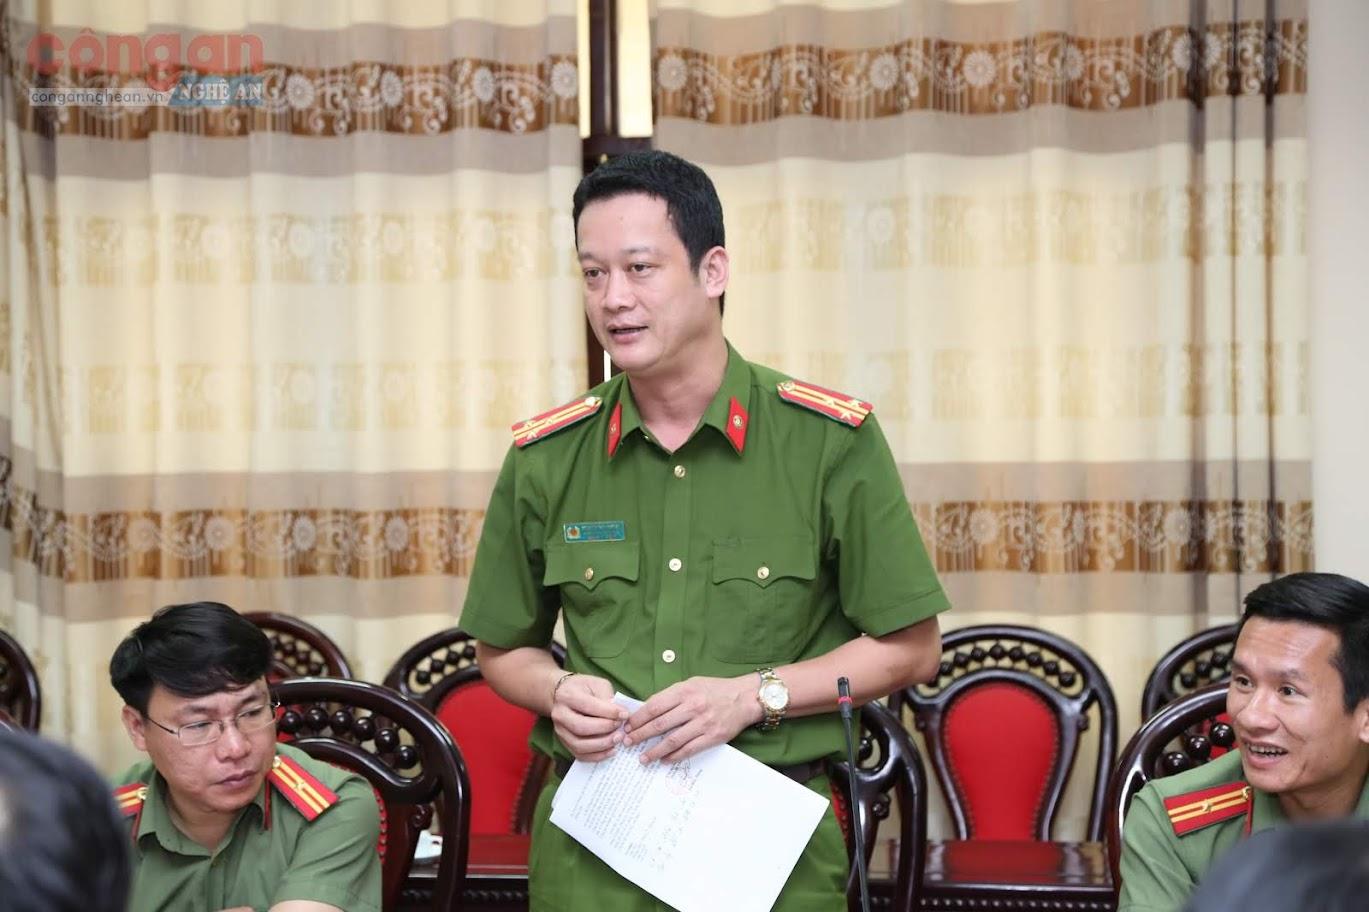 Thượng tá Nguyễn Đức Cường, Trưởng công an TP Vinh phát biểu tại buổi làm việc.